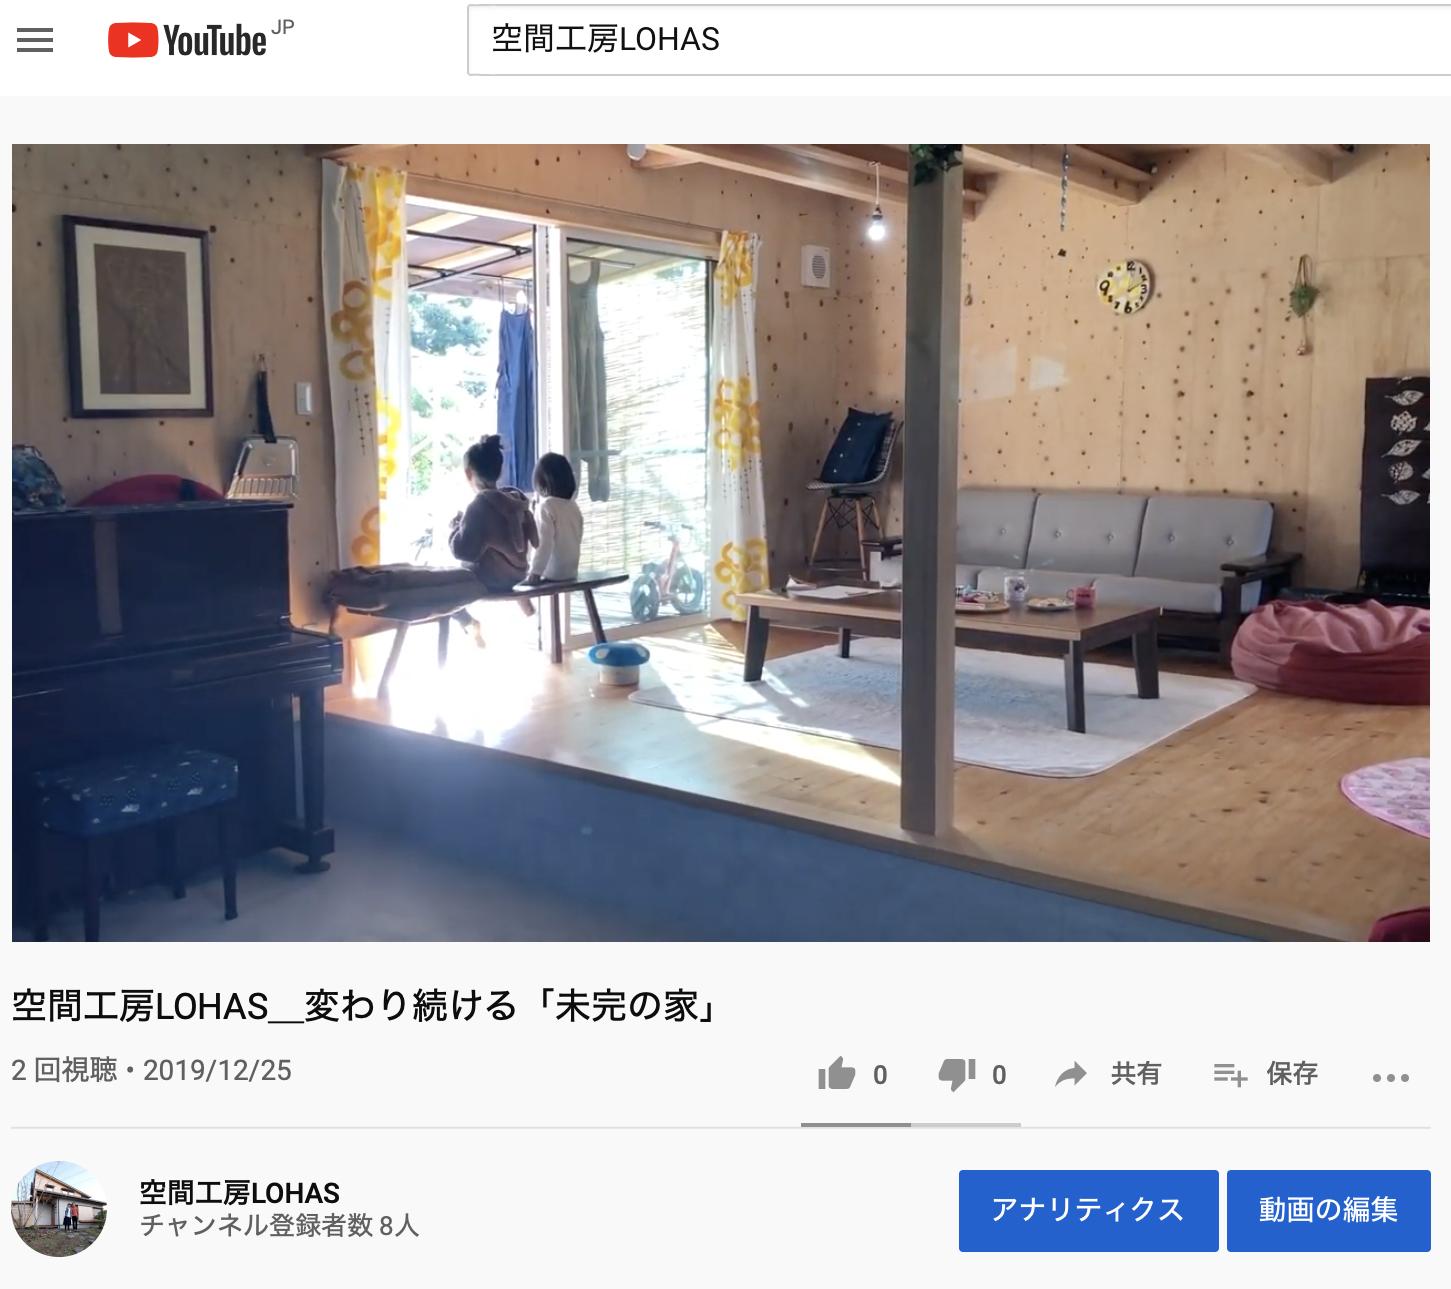 ユーチューブ動画 LOHAS